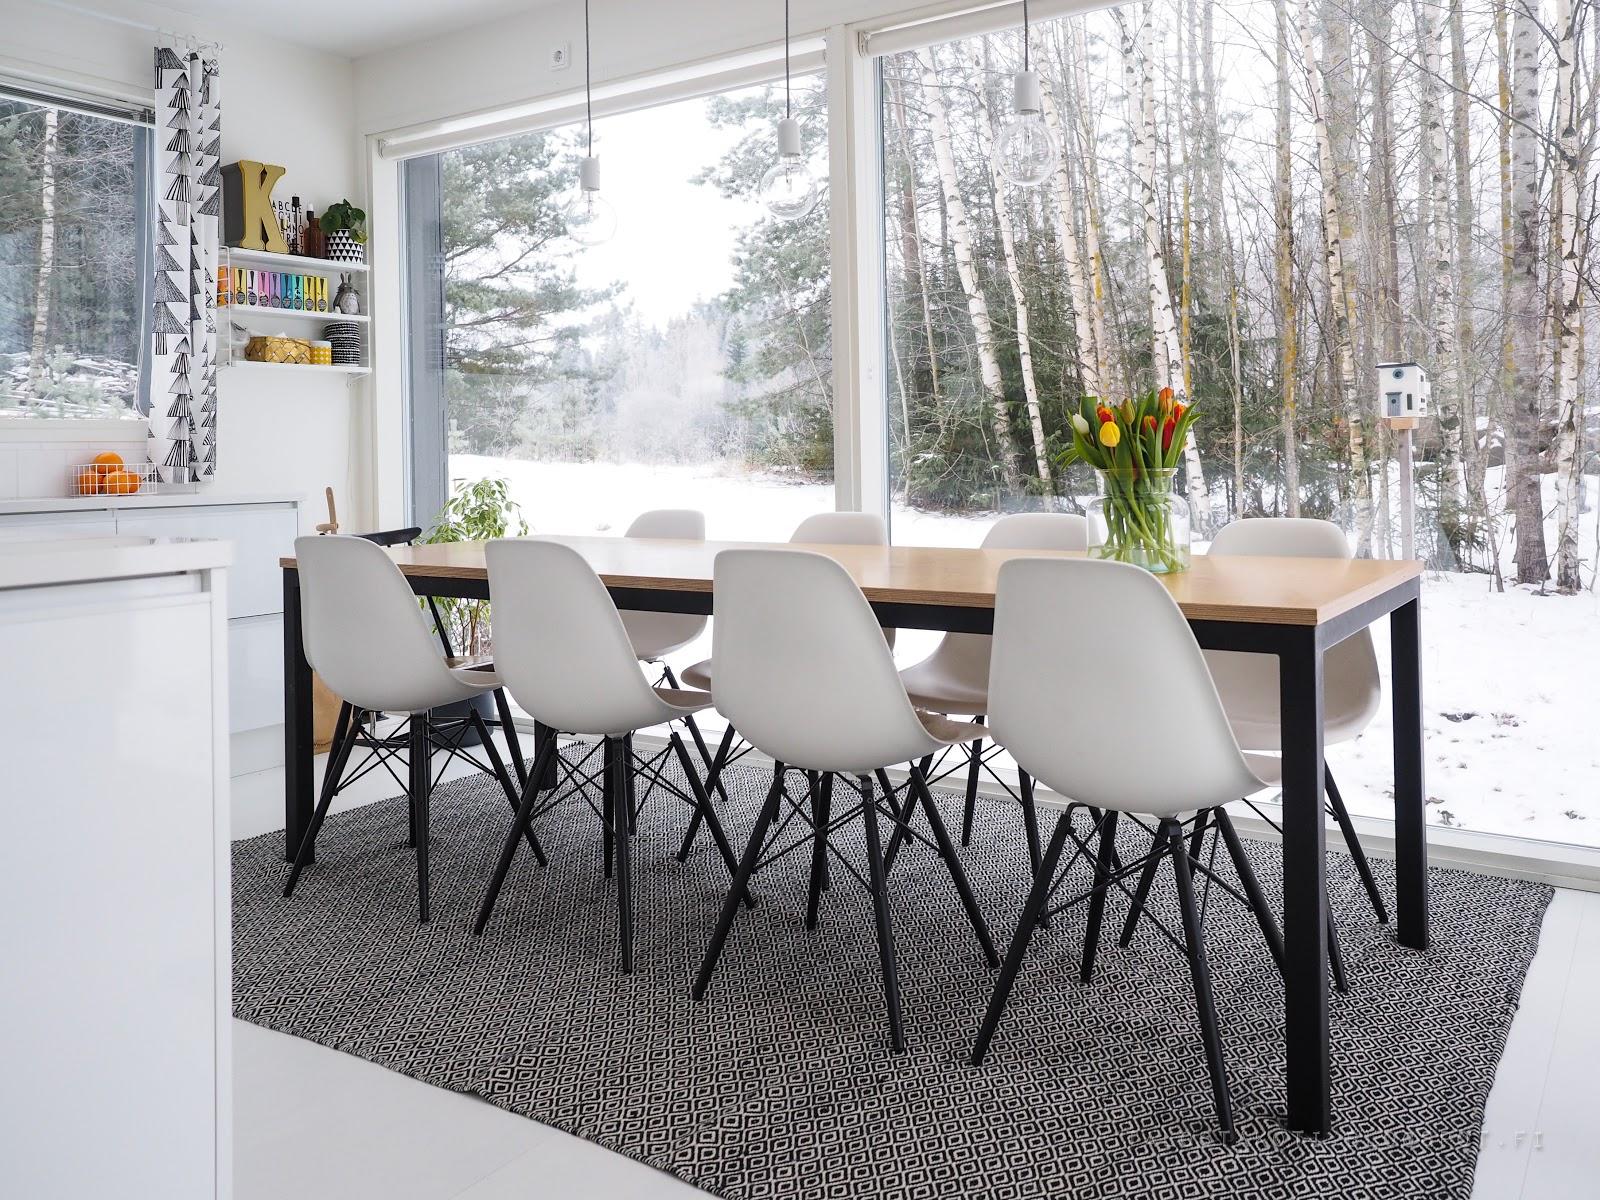 keittiö, maisema, vitran tuolit